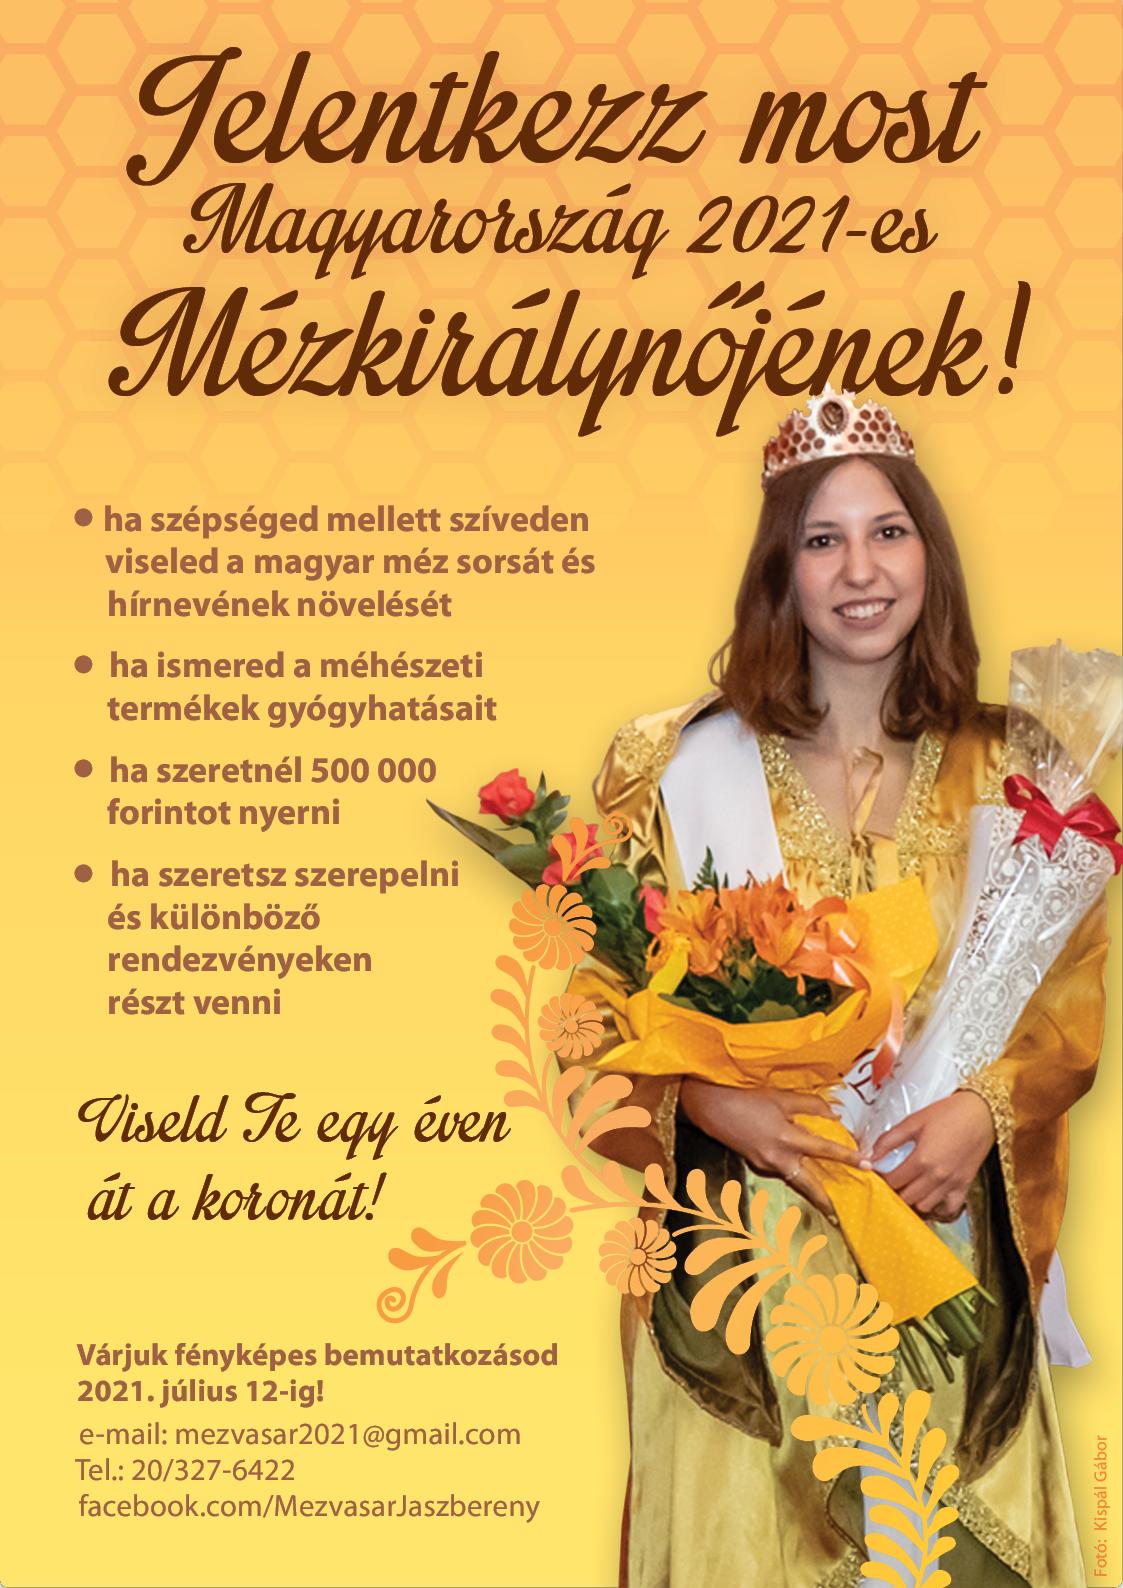 jelentkezz_mezkiralynonek_2021 (1)